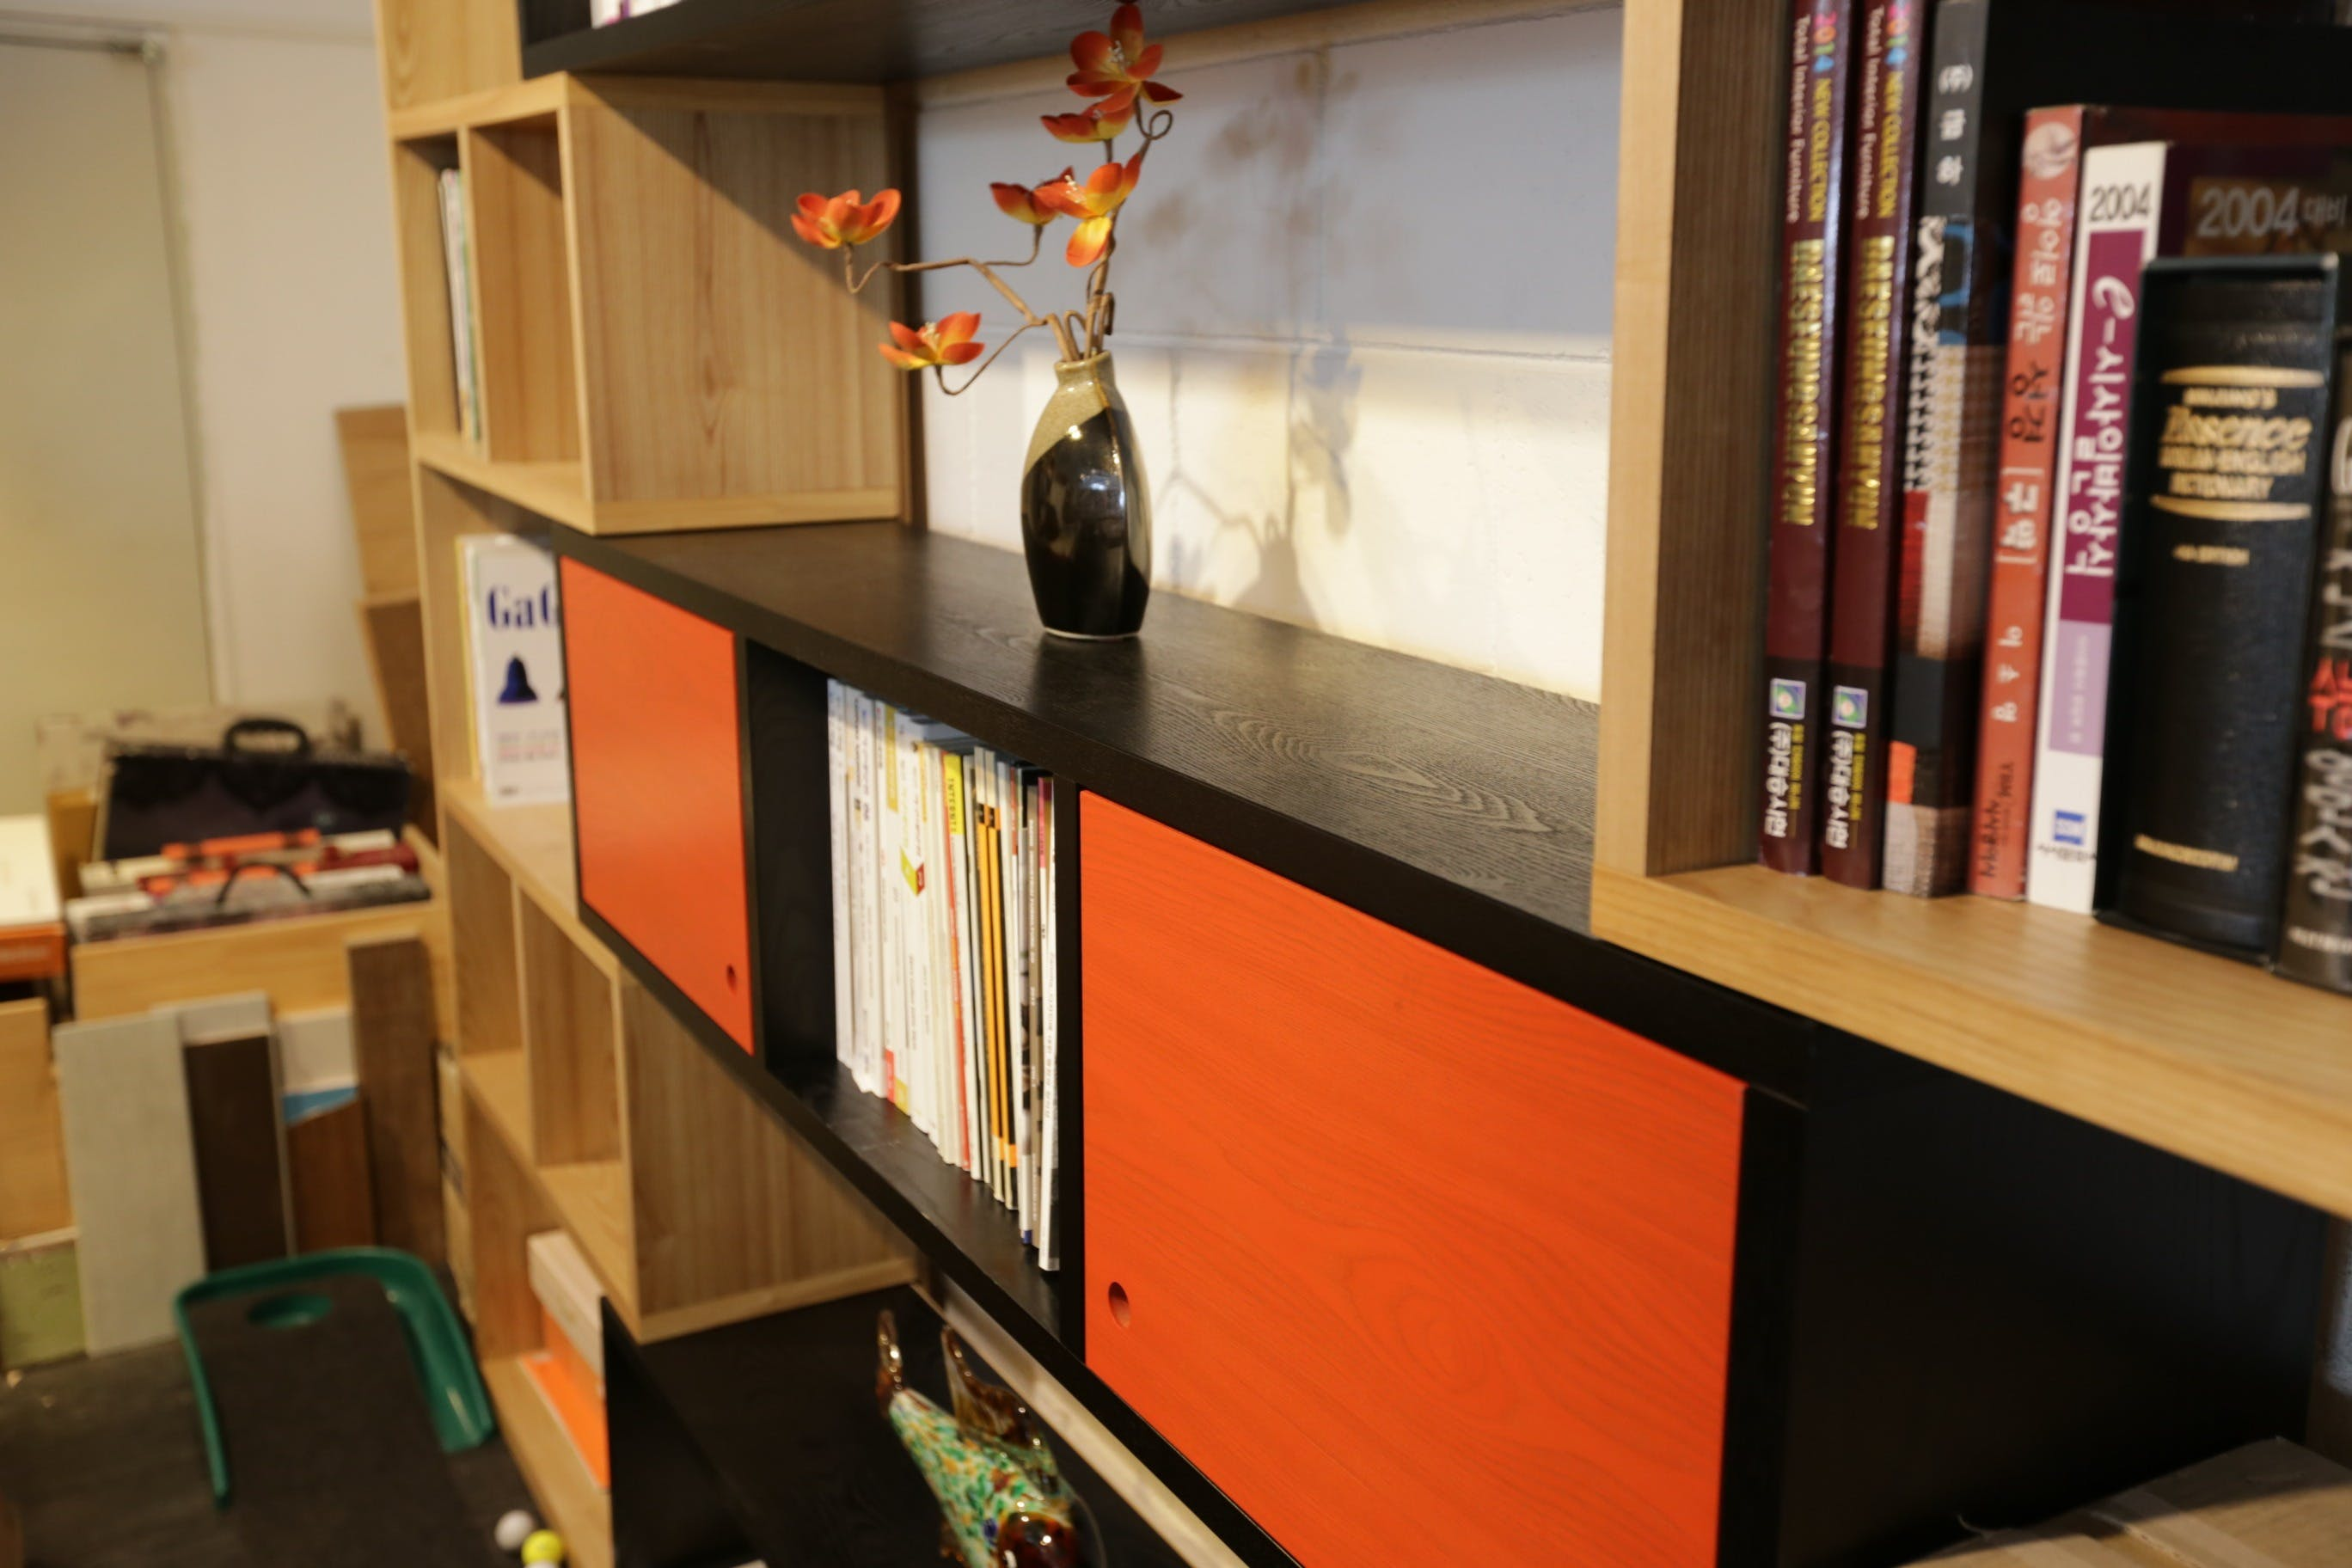 Books in Bookshelf